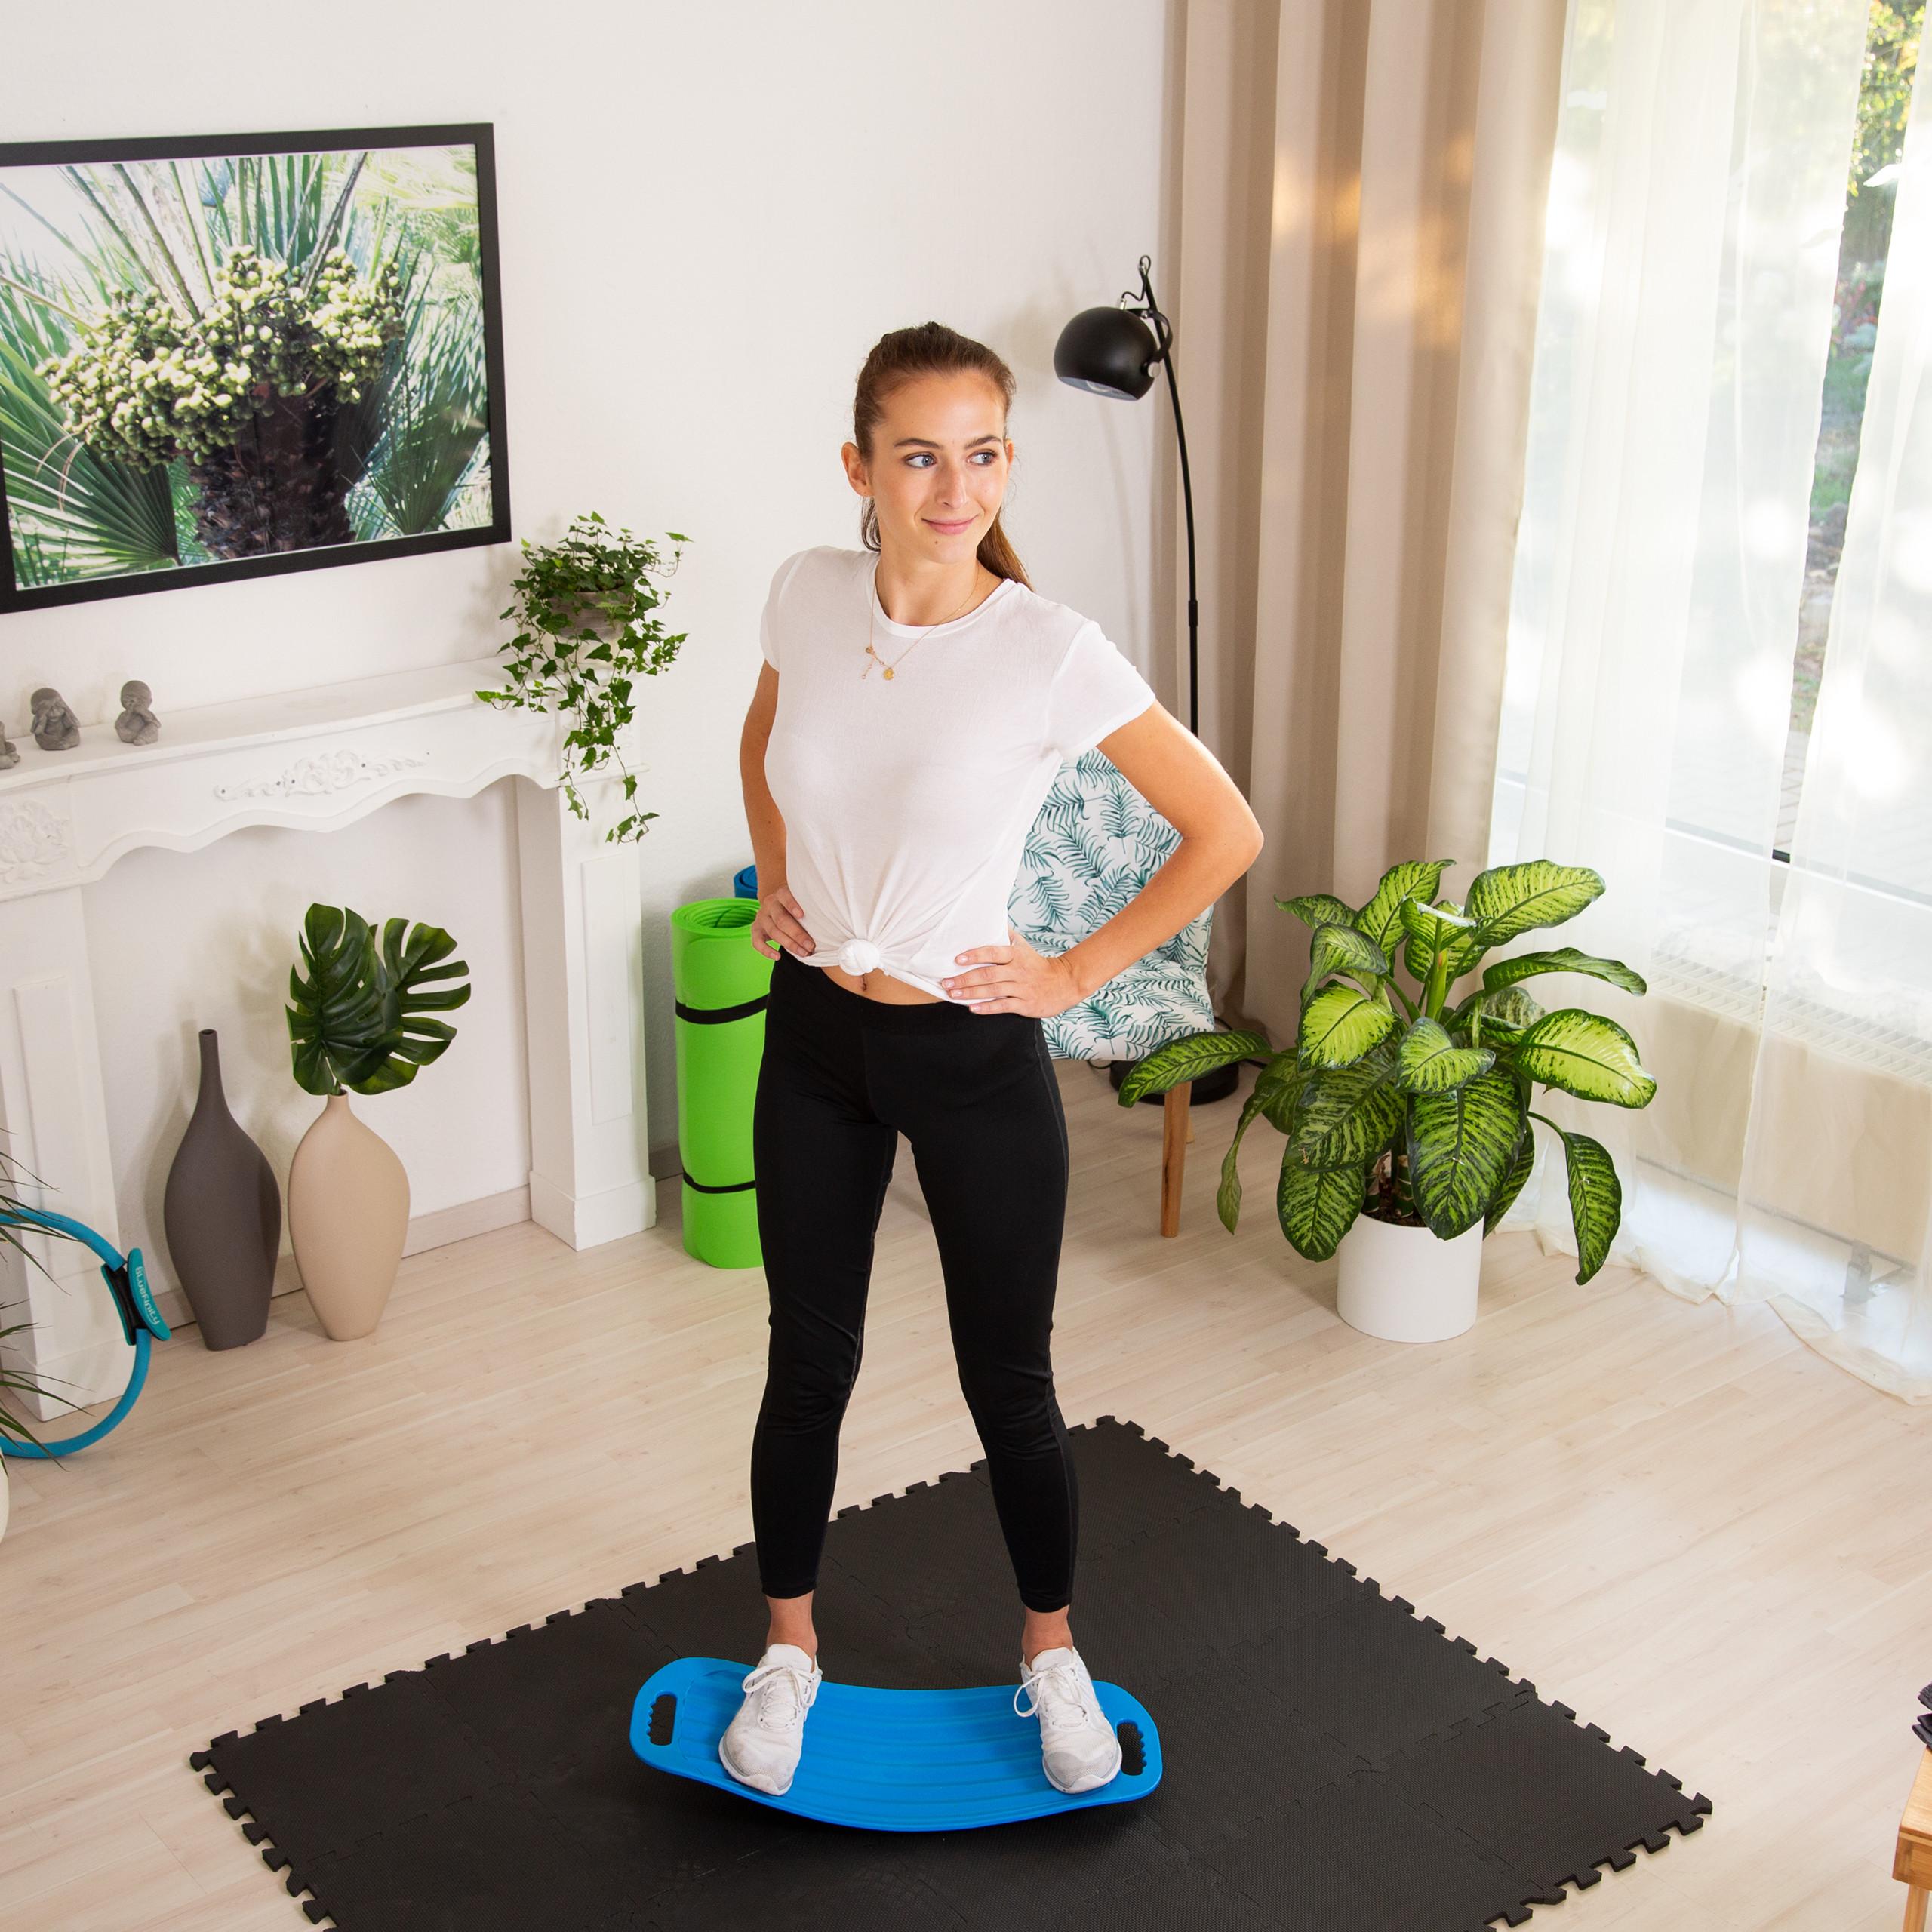 Planche d'équilibre Twist Board Balance Board entraînement fitness muscles abdos